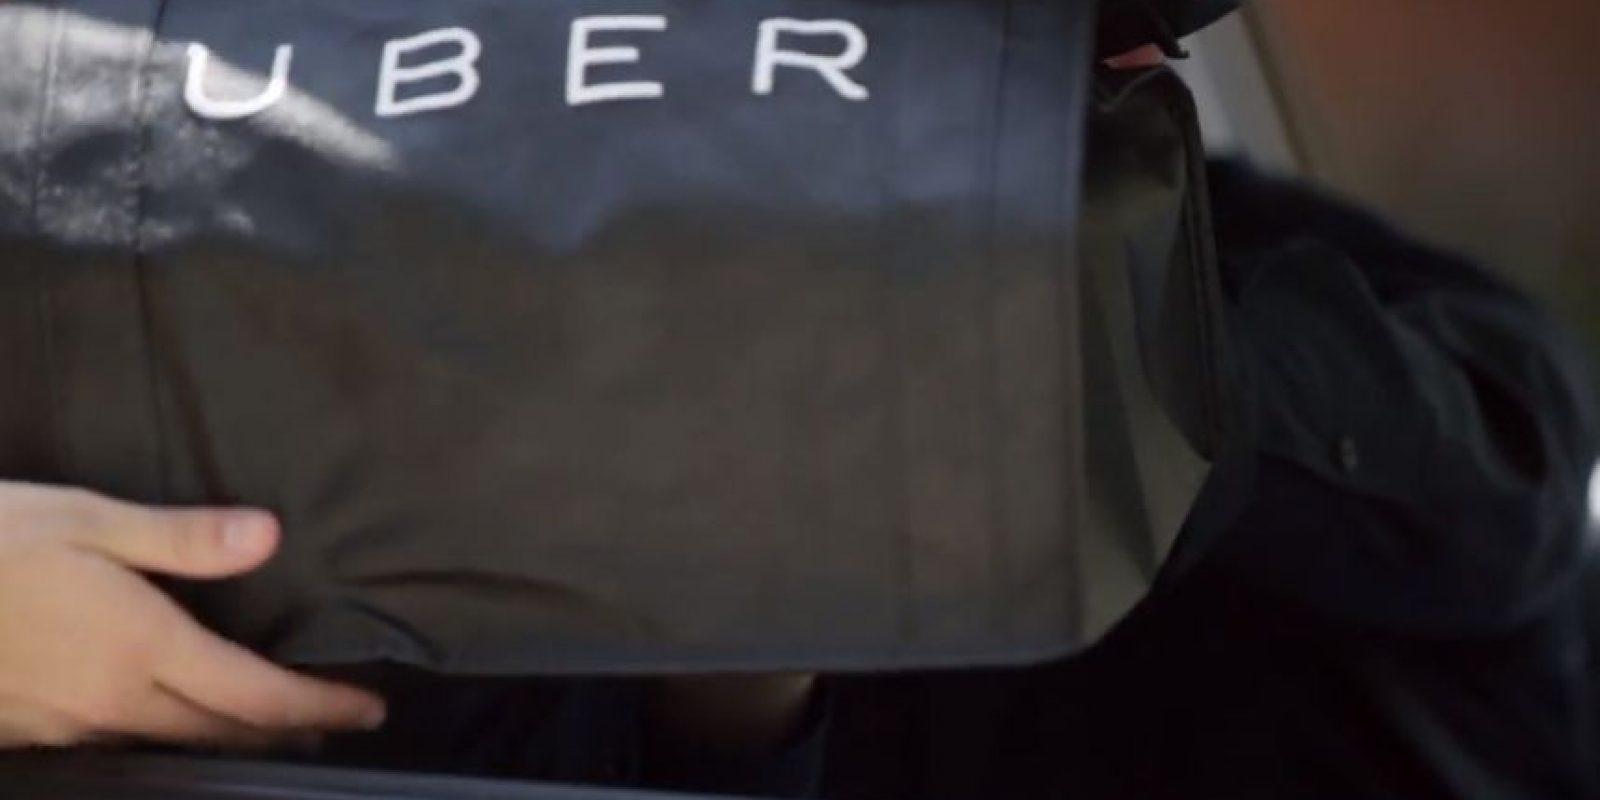 La entrega se realiza en pocos minutos. Foto:Uber